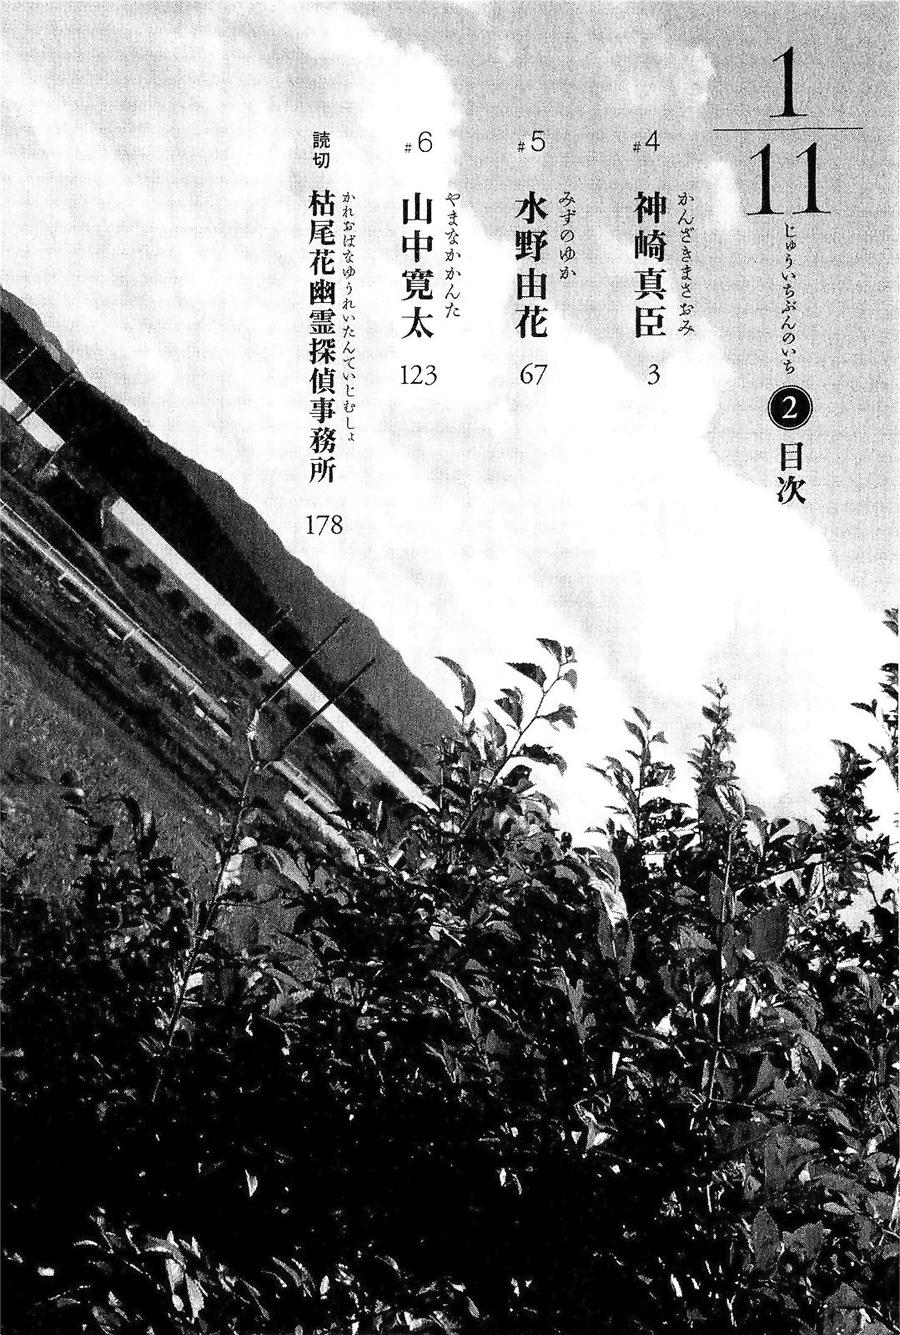 1/11 Juuichi Bun No Ichi Chap 004